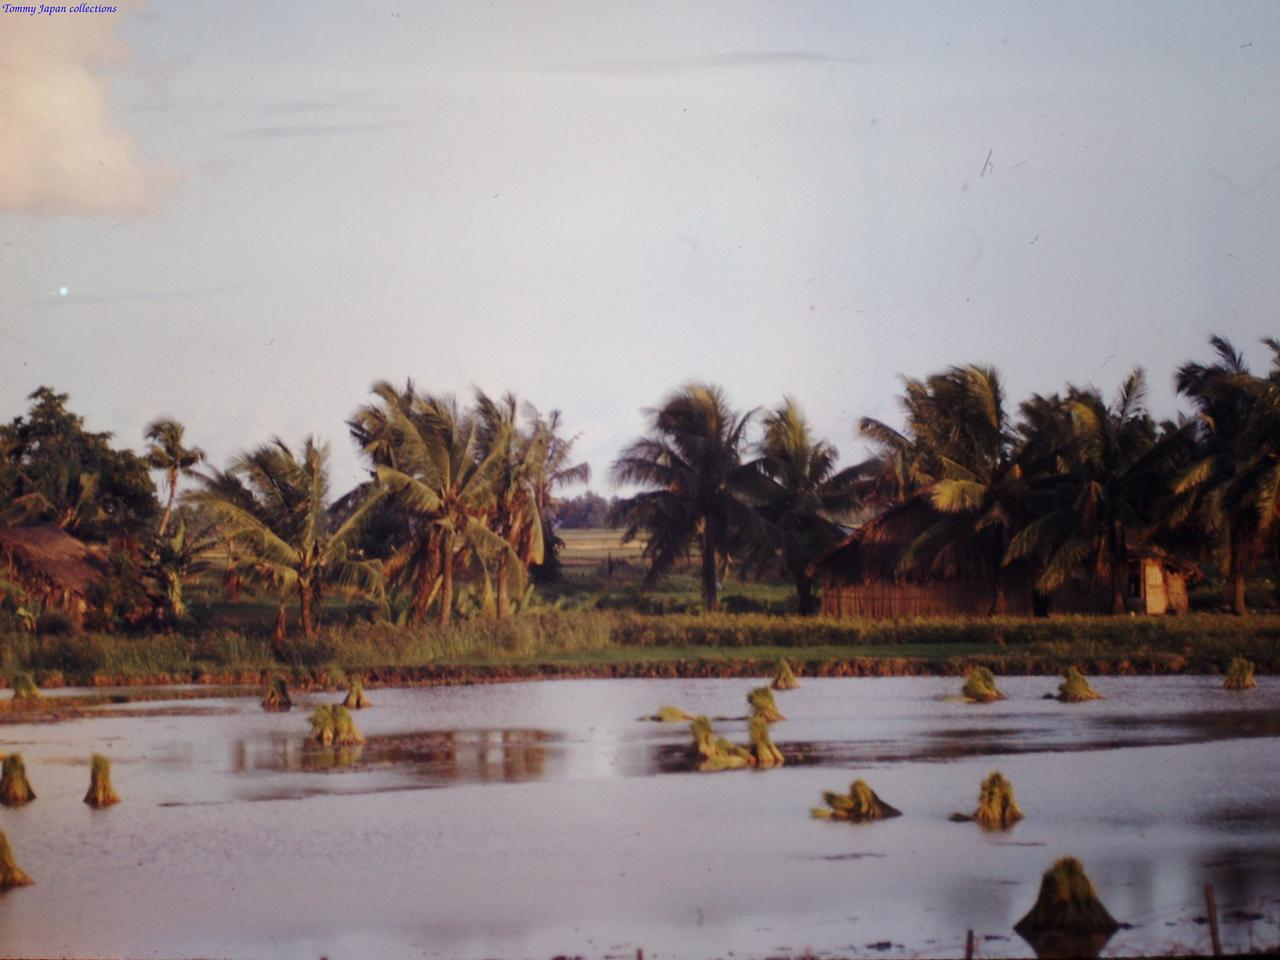 Khung cảnh đậm chất Mekong tháng 9 năm 1967 | Photo by Fletcher Clyde